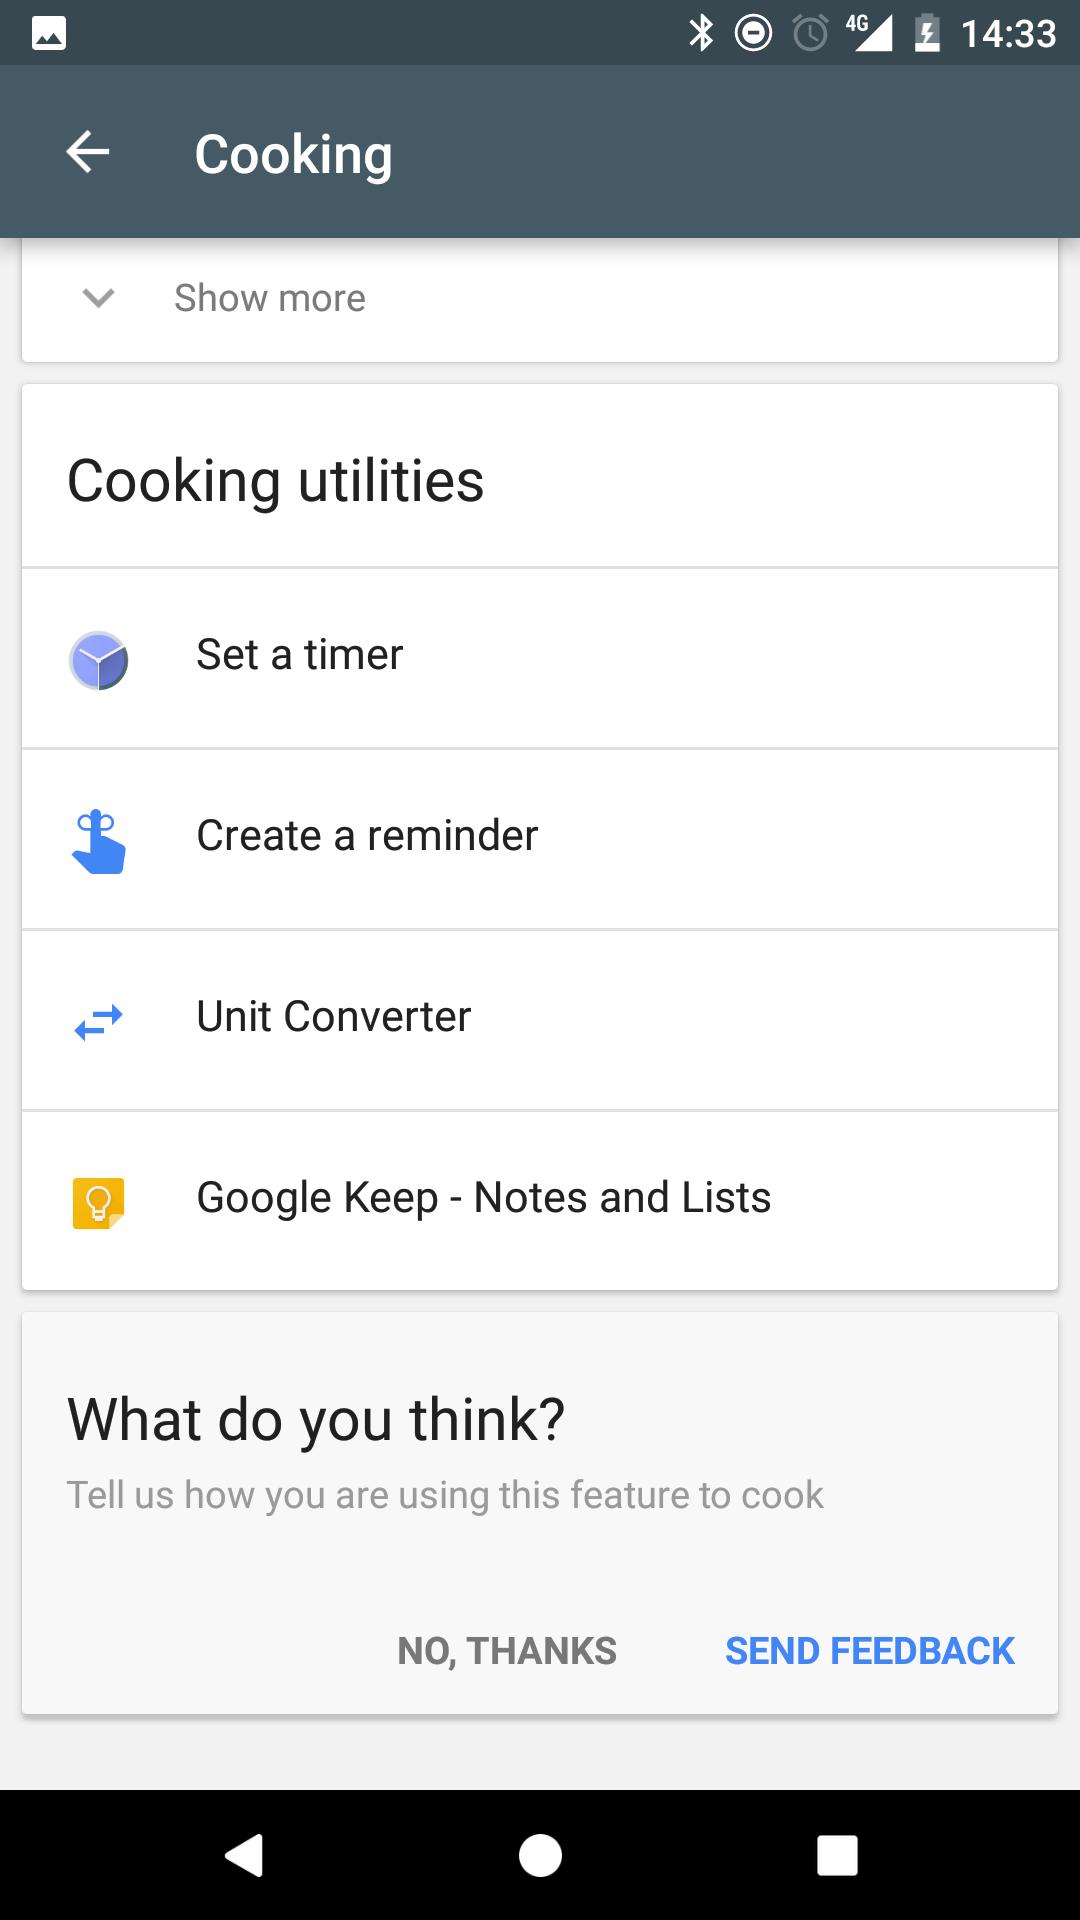 Google Now: Cooking Utilities